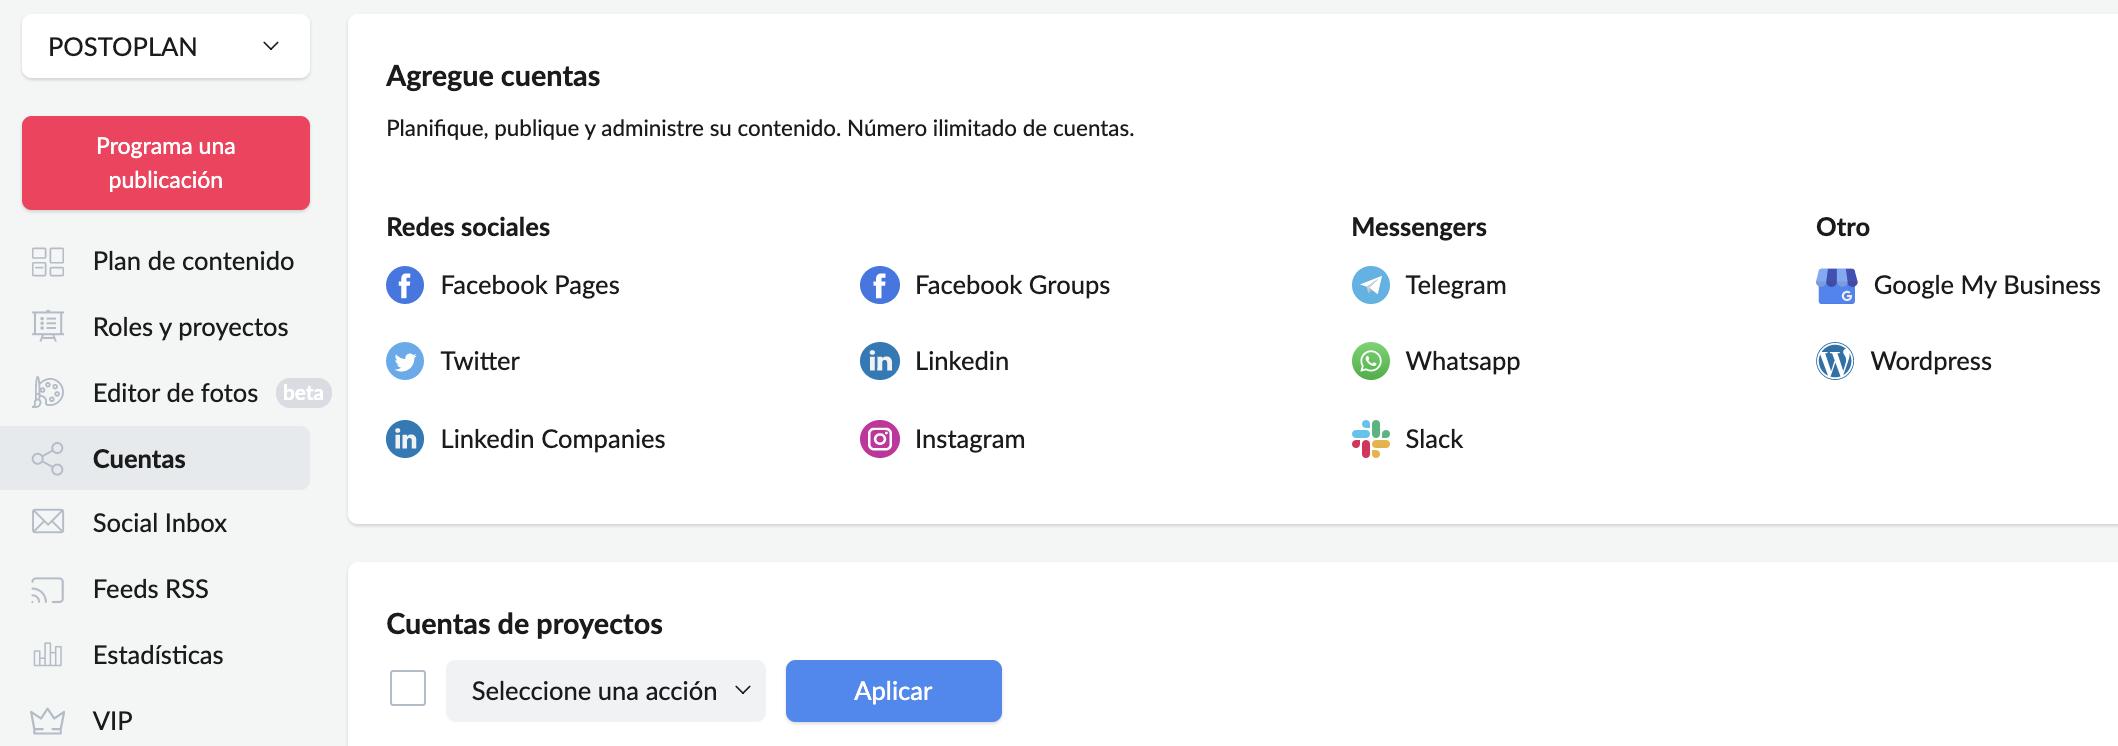 Cómo programar publicaciones en Facebook con Postoplan - imagen 7